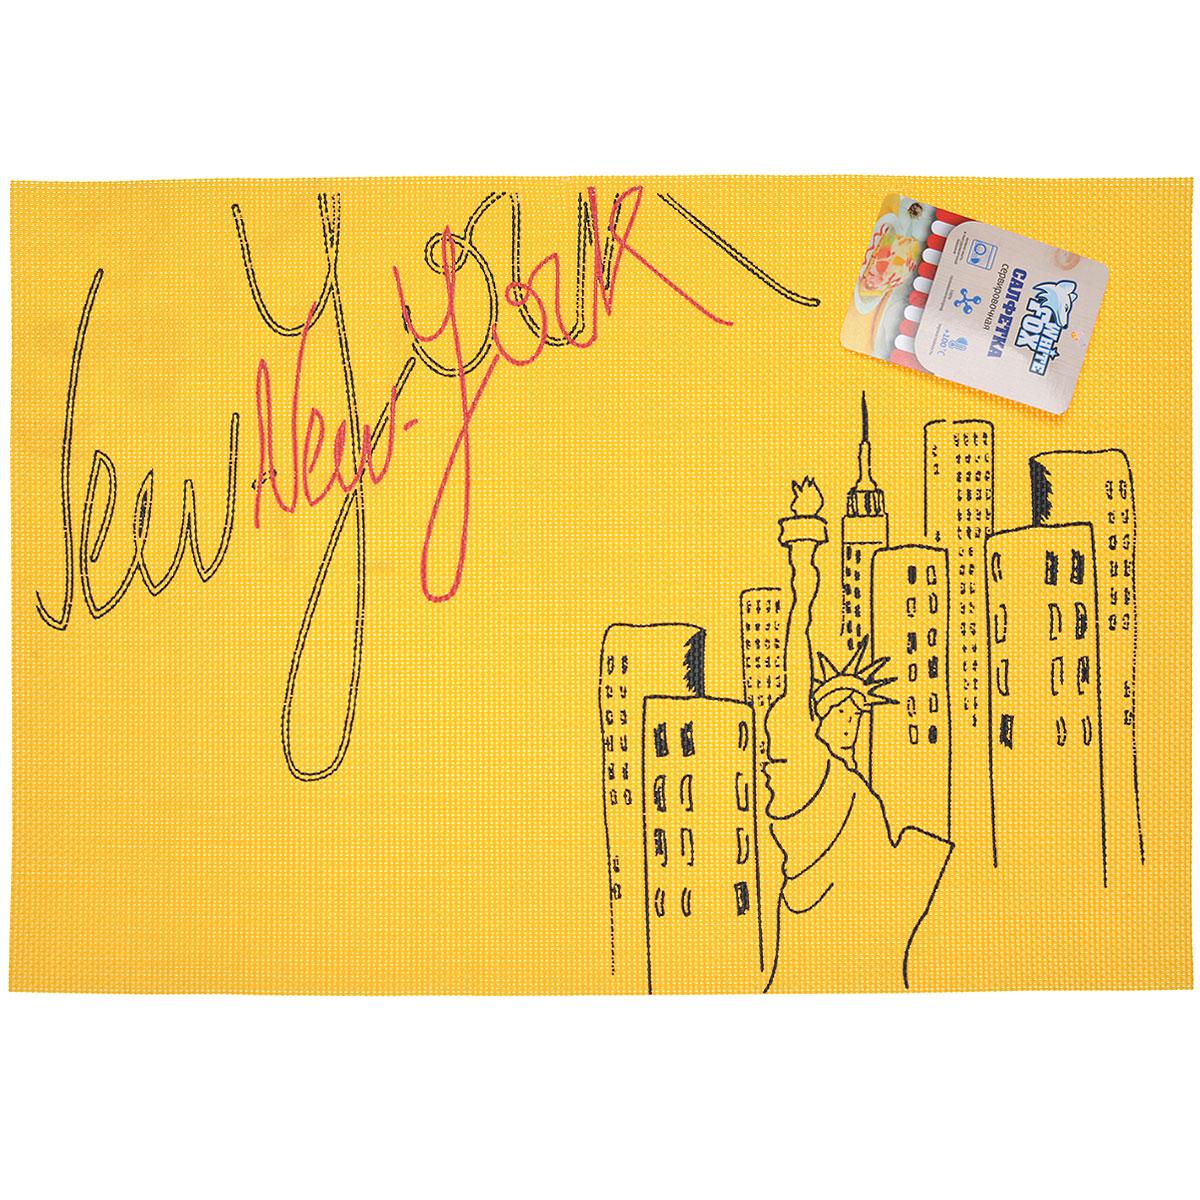 Салфетка сервировочная White Fox Нью-Йорк, цвет: желтый, 30 x 45 смБ0008378Салфетка White Fox Нью-Йорк, выполненная из ПВХ, предназначена для сервировки стола. Она служит защитой от царапин и различных следов, а также используется в качестве подставки под горячее. Салфетка, оформленная дизайнерским рисунком в виде Нью-Йорка, дополнит стильную сервировку стола.